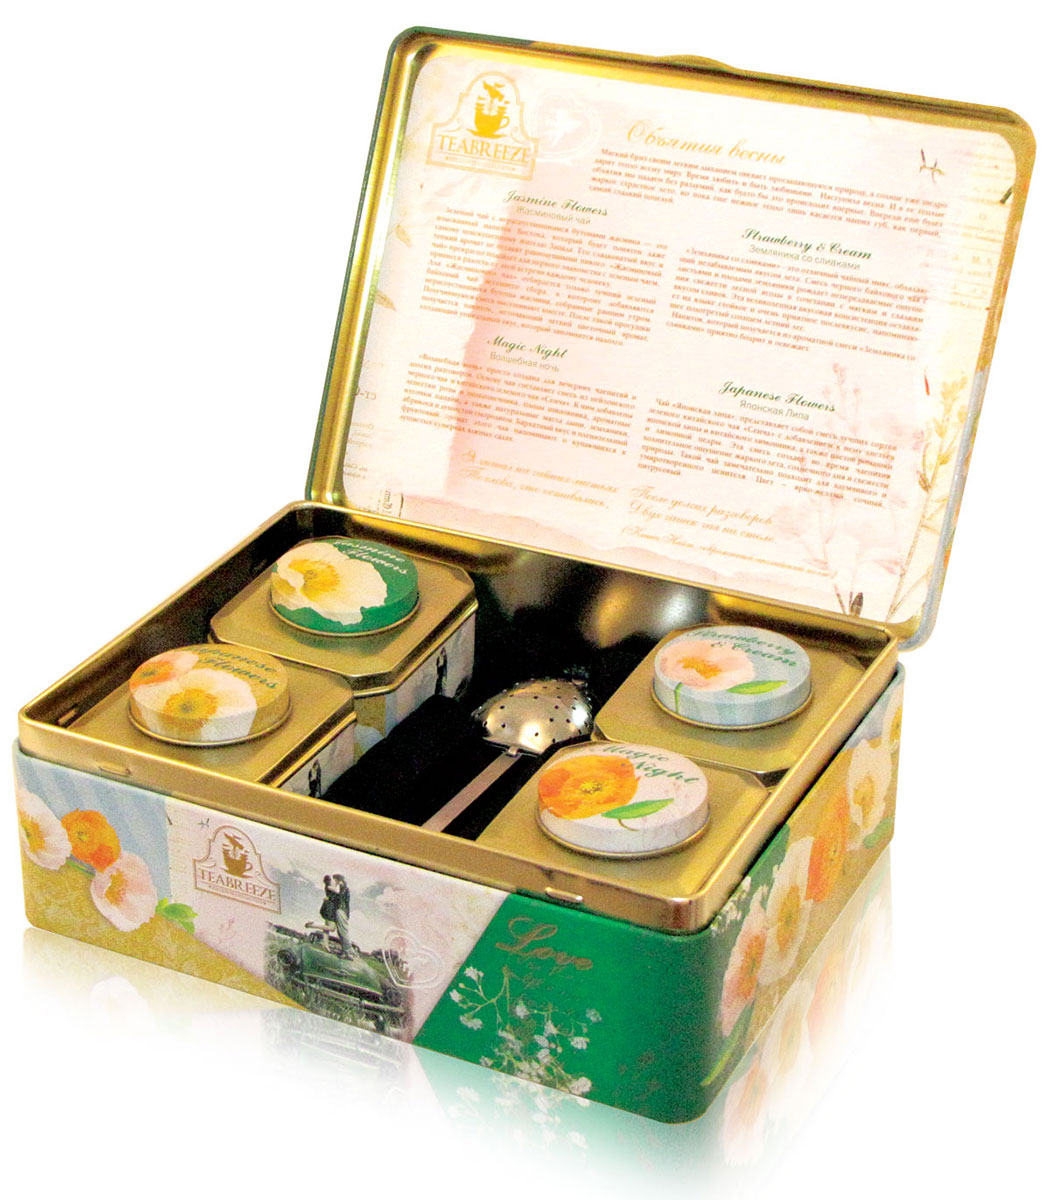 Teabreeze Объятия весны чай ароматизированный в подарочной шкатулке, 200 г pediasure смесь со вкусом ванили с 12 месяцев 200 мл